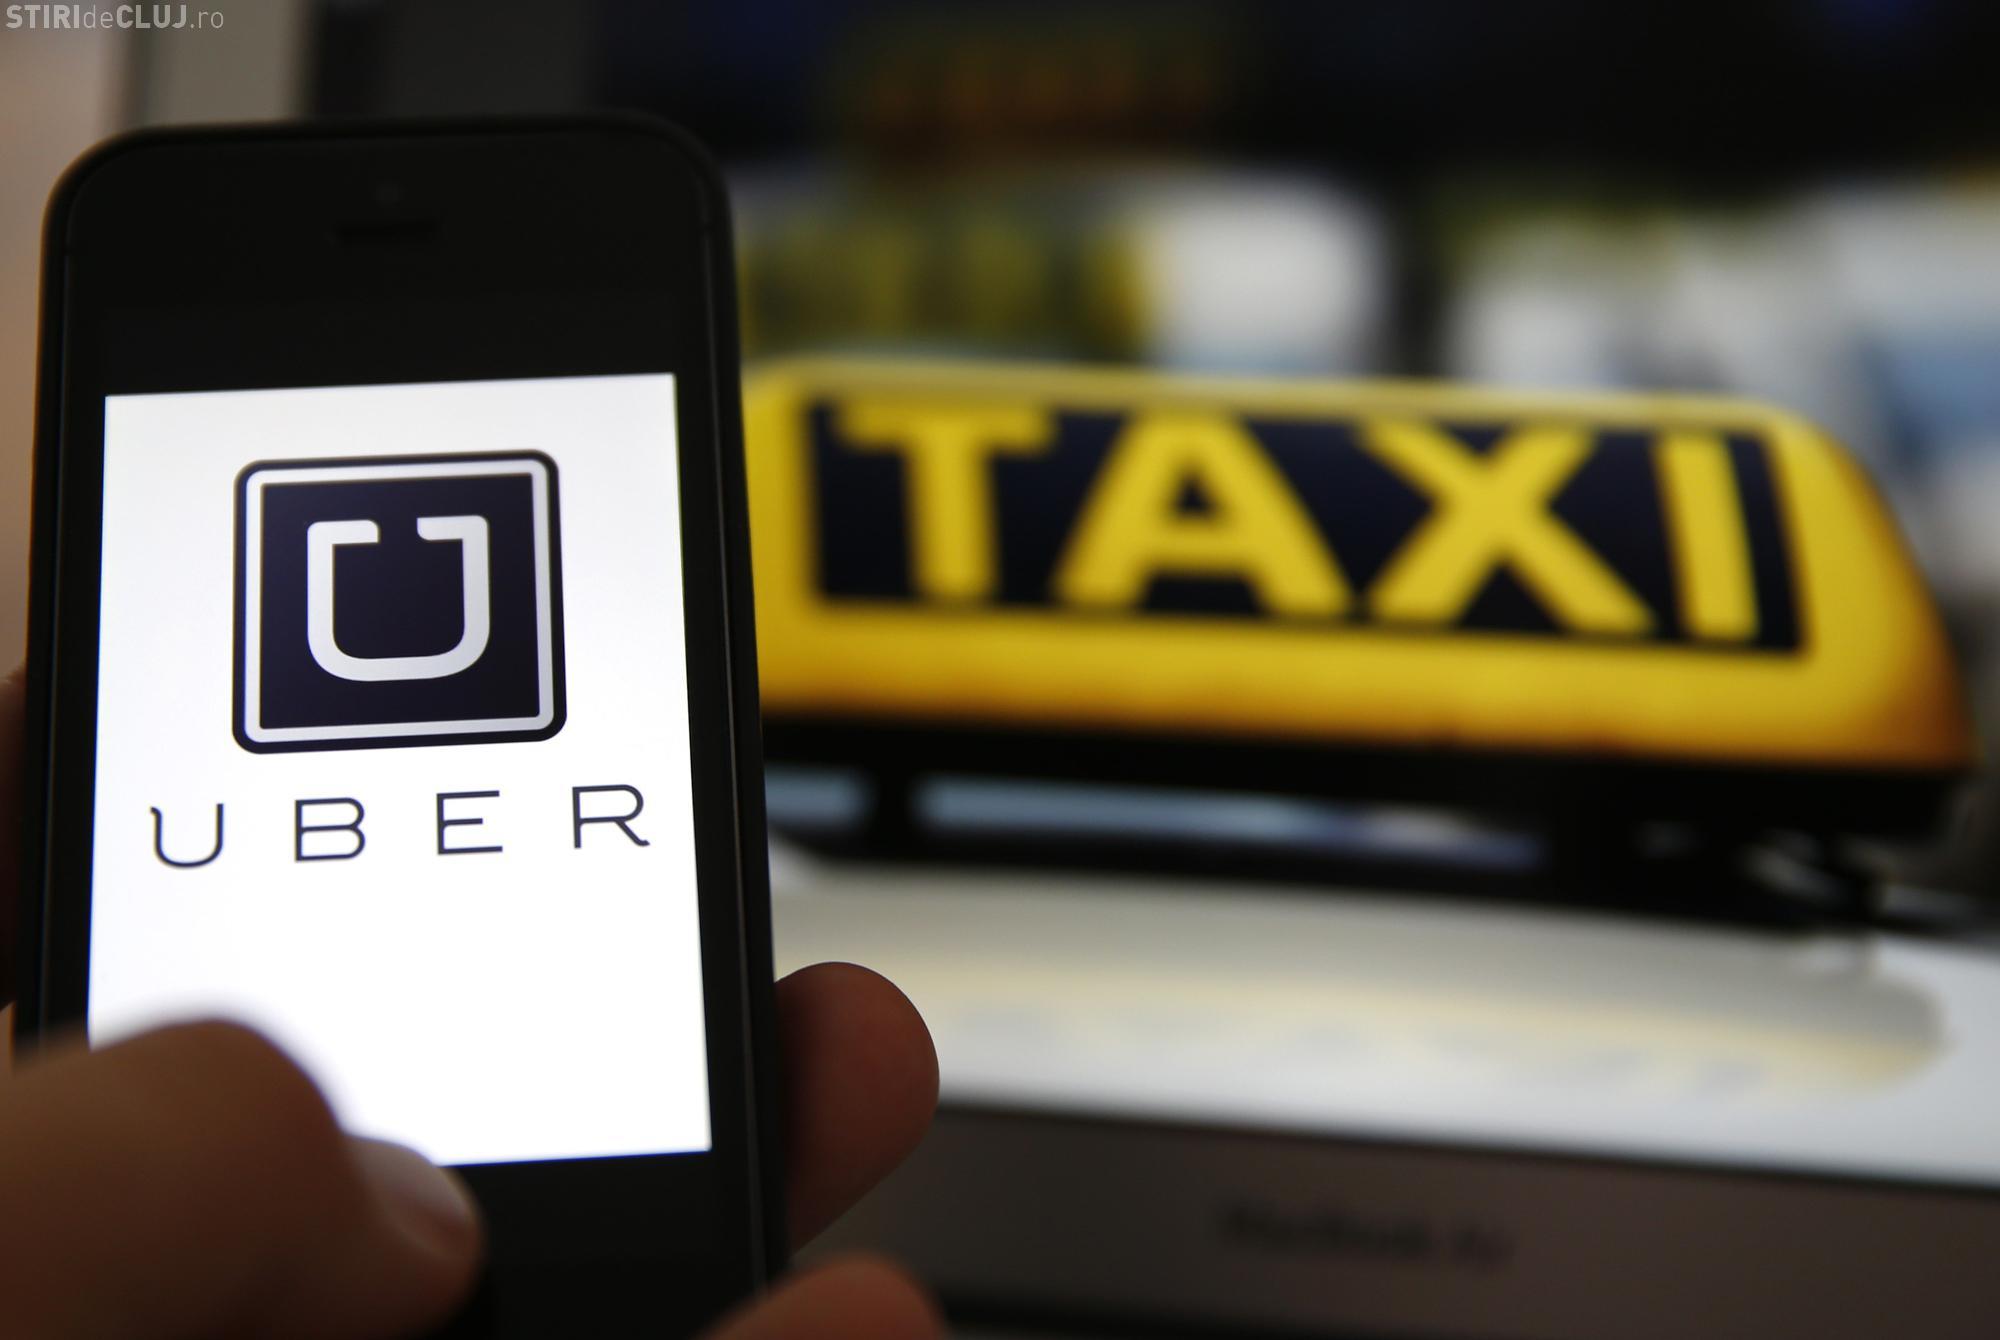 Curtea de Apel Cluj dă voie Uber să lucreze în Cluj